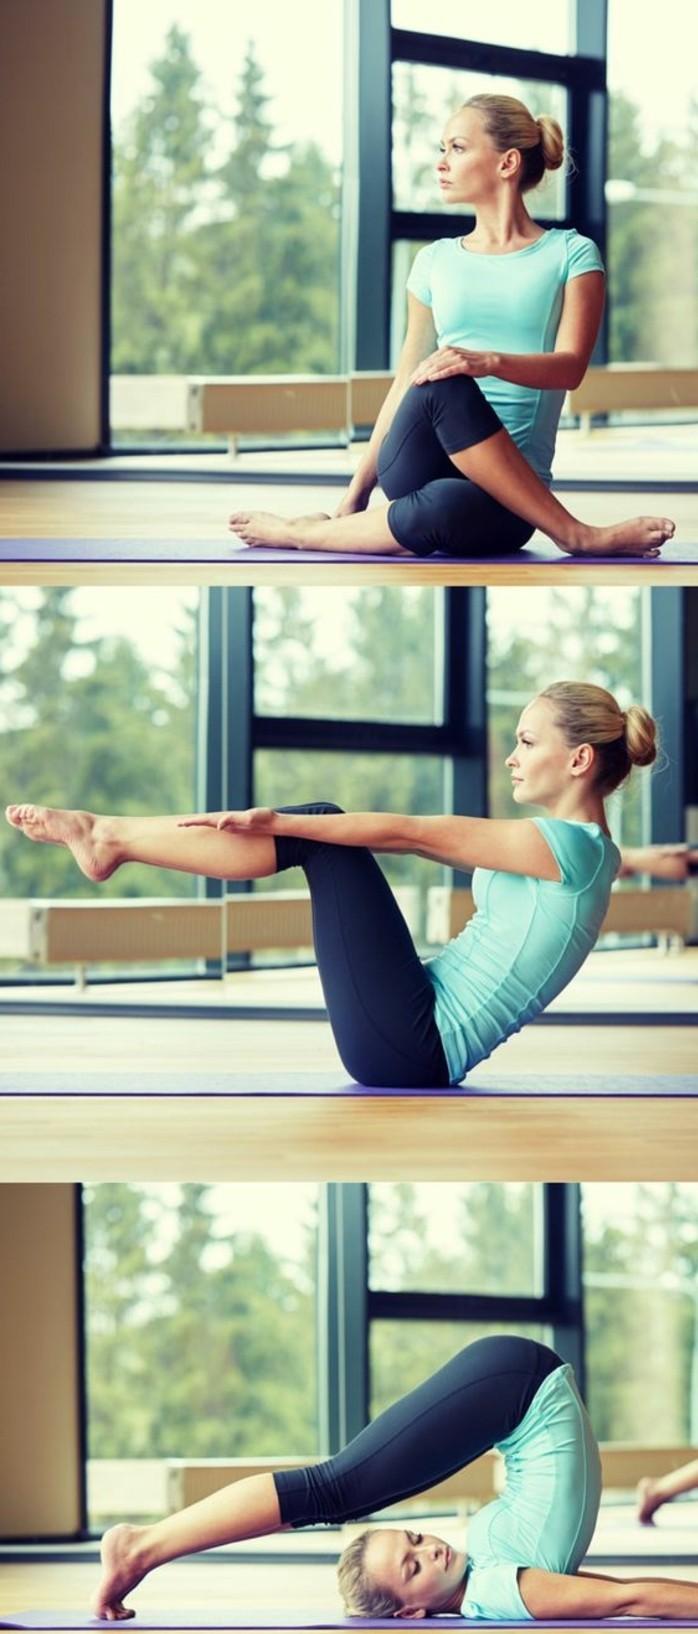 les-bienfaits-du-yoga-pratiquer-du-yoga-a-la-maison